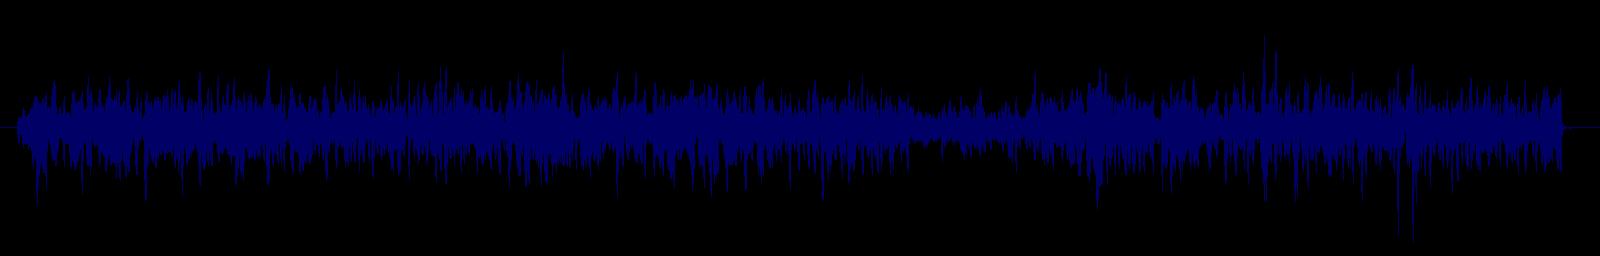 waveform of track #129244